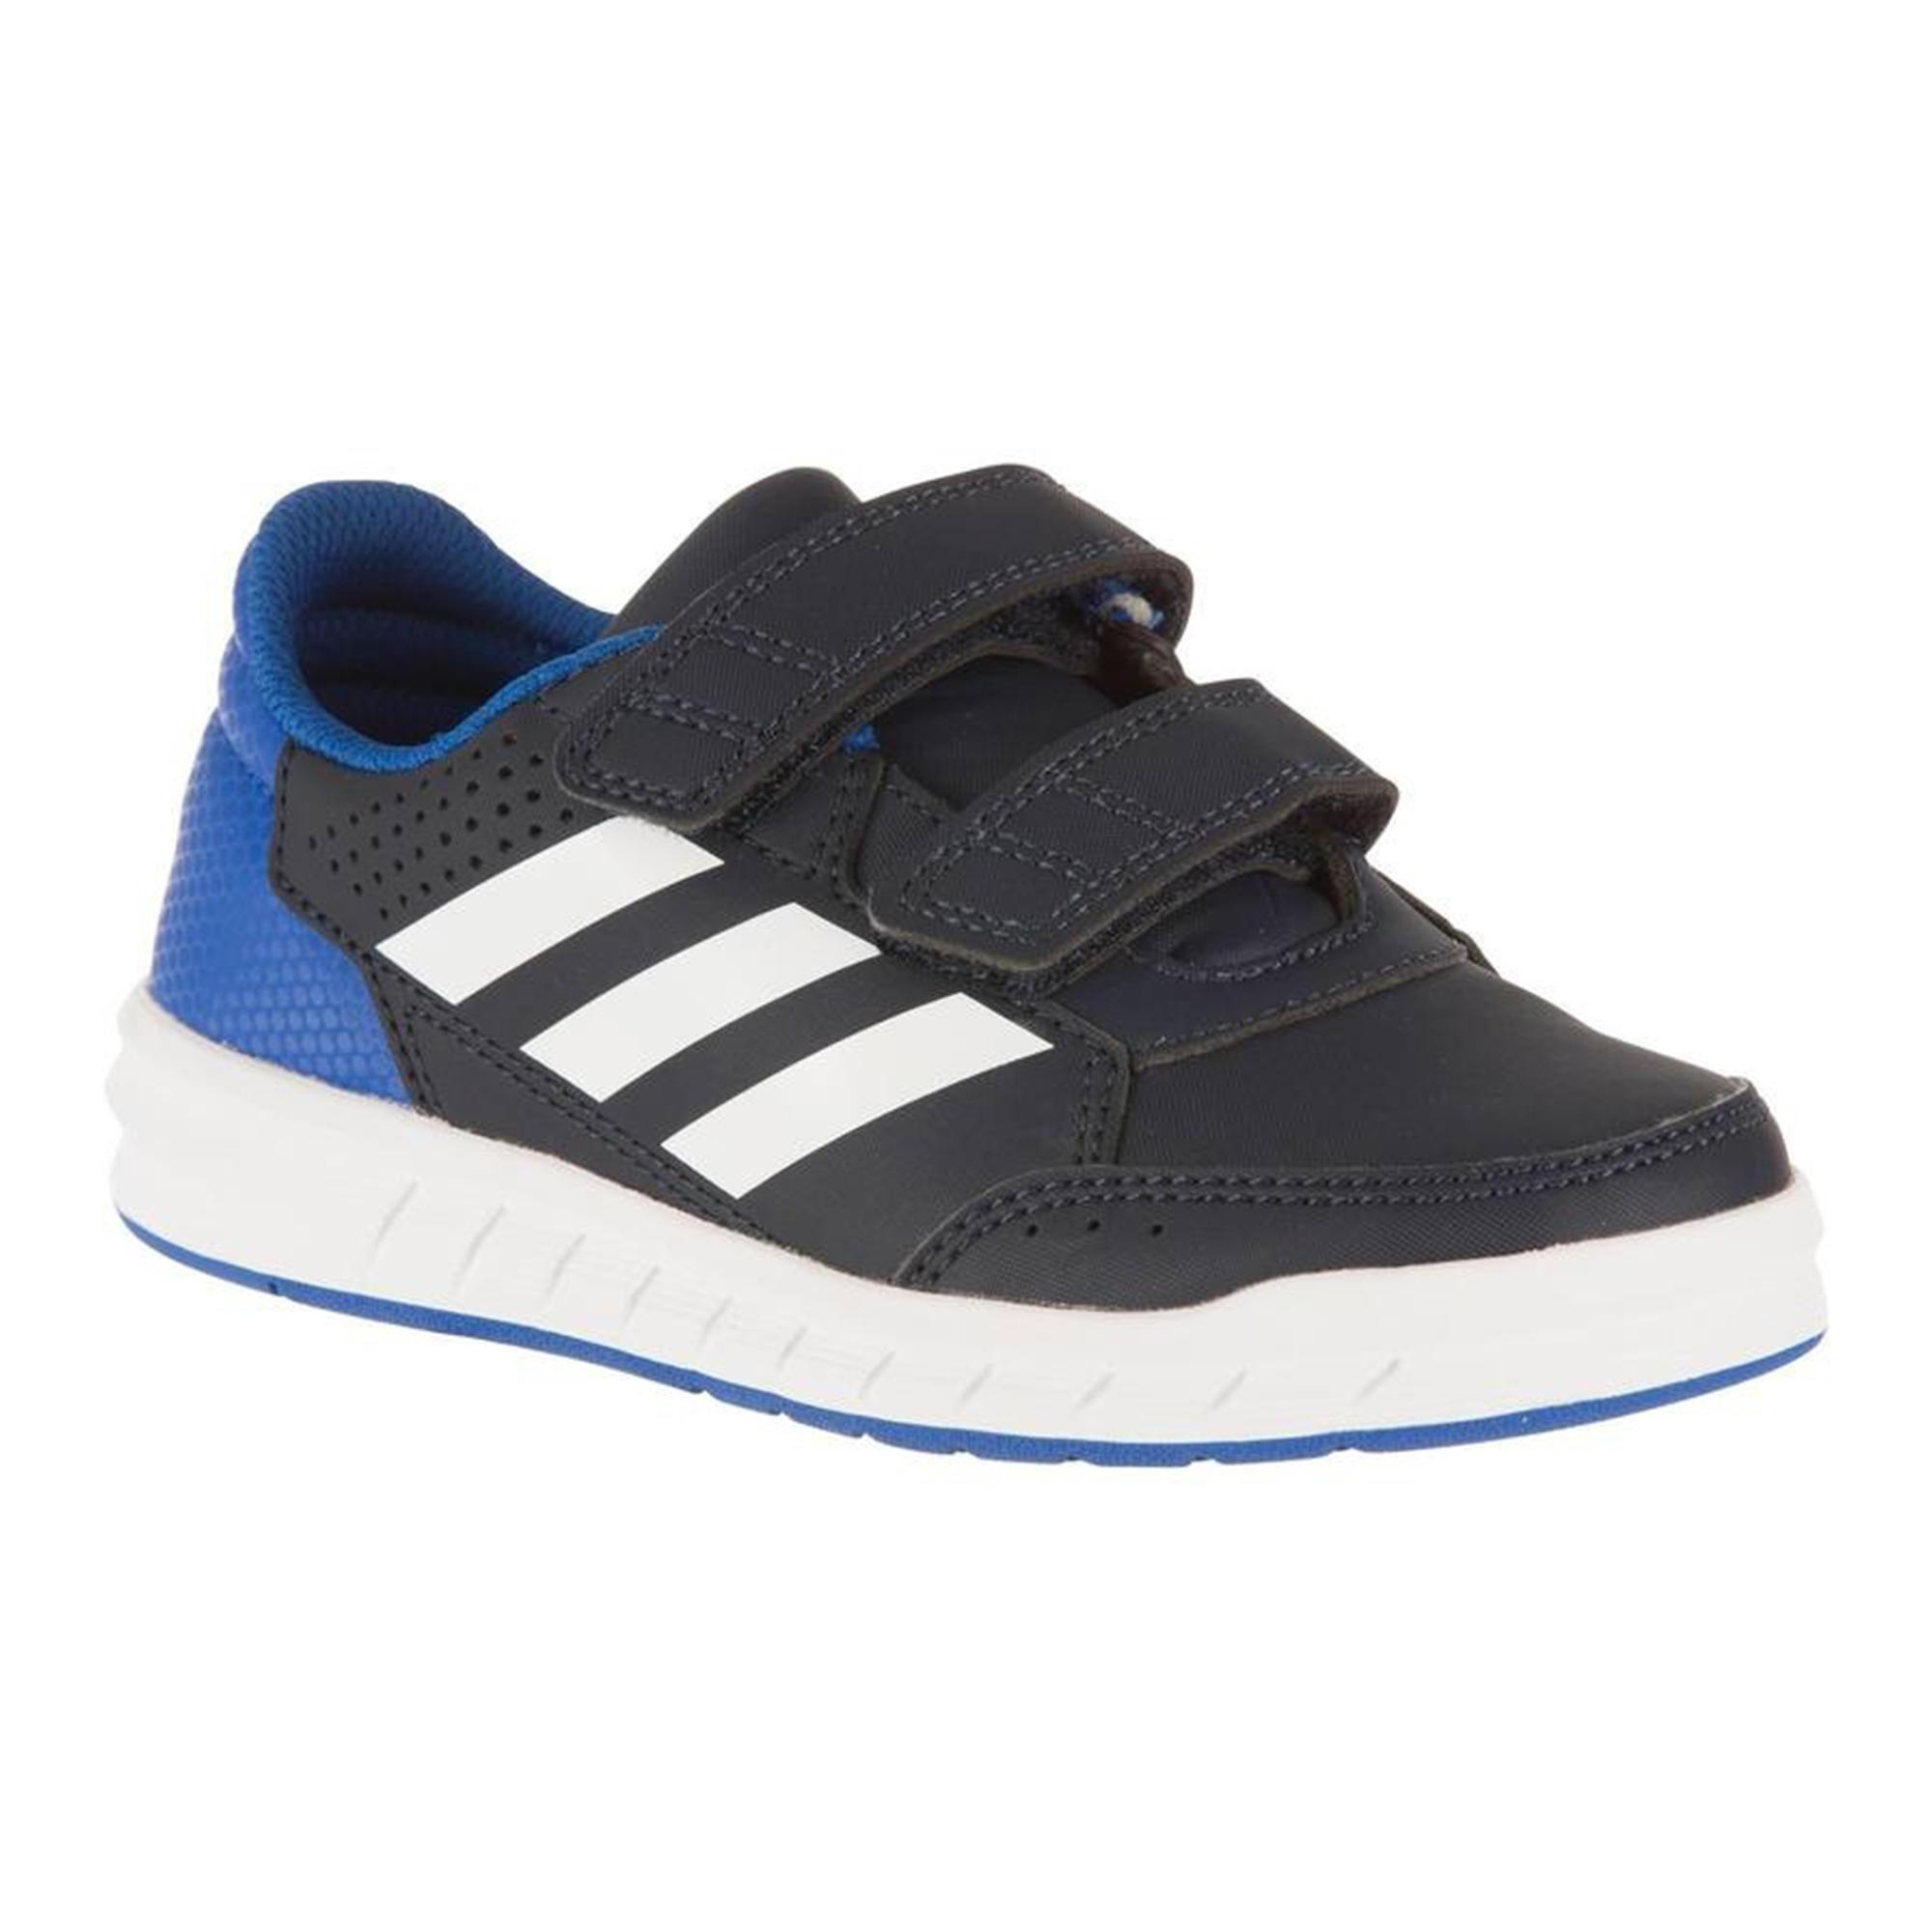 Adidas Tennisschoenen voor kinderen Adidas Altasport blauw